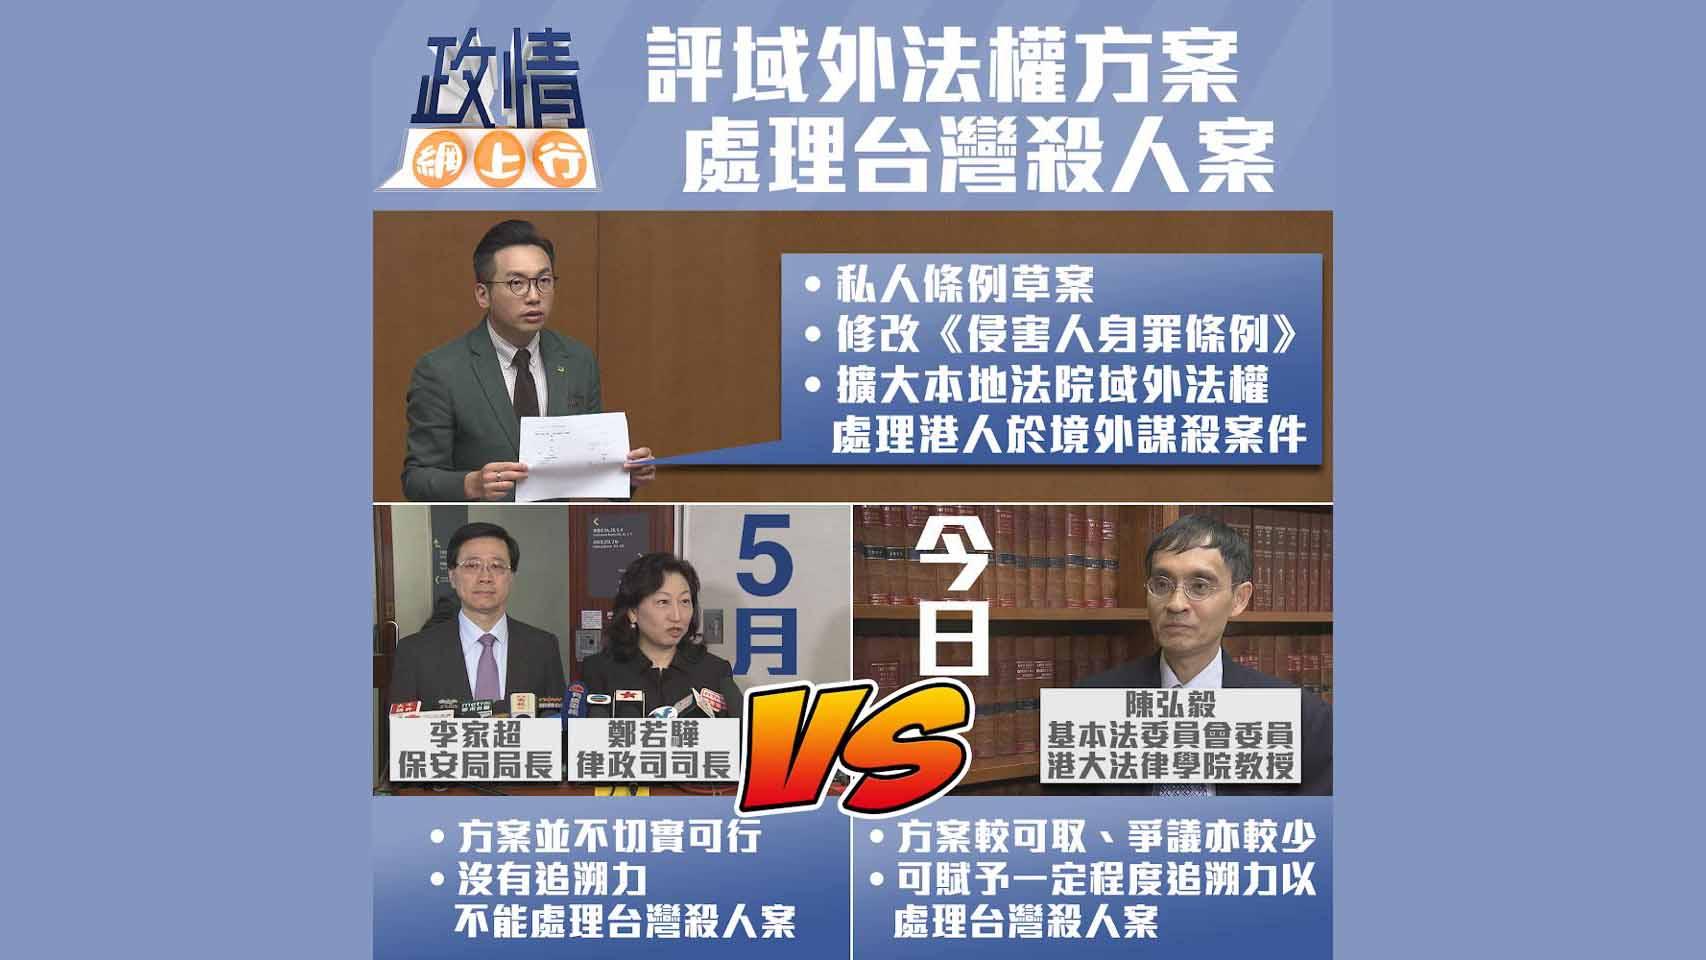 【政情網上行】評域外法權方案 處理台灣殺人案